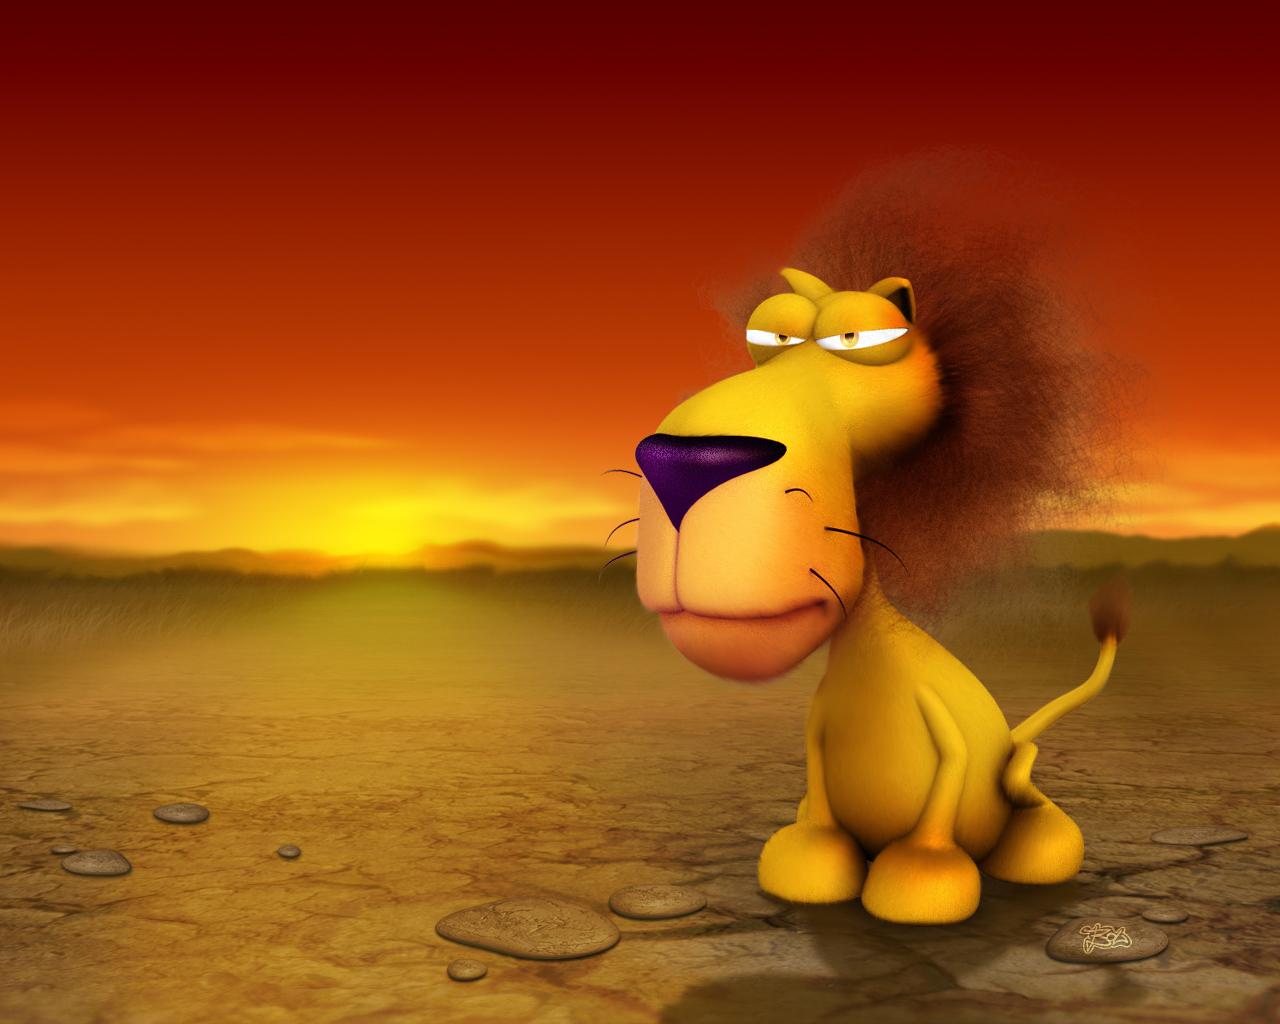 http://3.bp.blogspot.com/-kZ_RcD1fKnU/T289v1Vm-4I/AAAAAAAABaI/fyzsU6BWamg/s1600/Funny-3D-Cartoon-Wallpapers-Desktop-Background-4.jpg